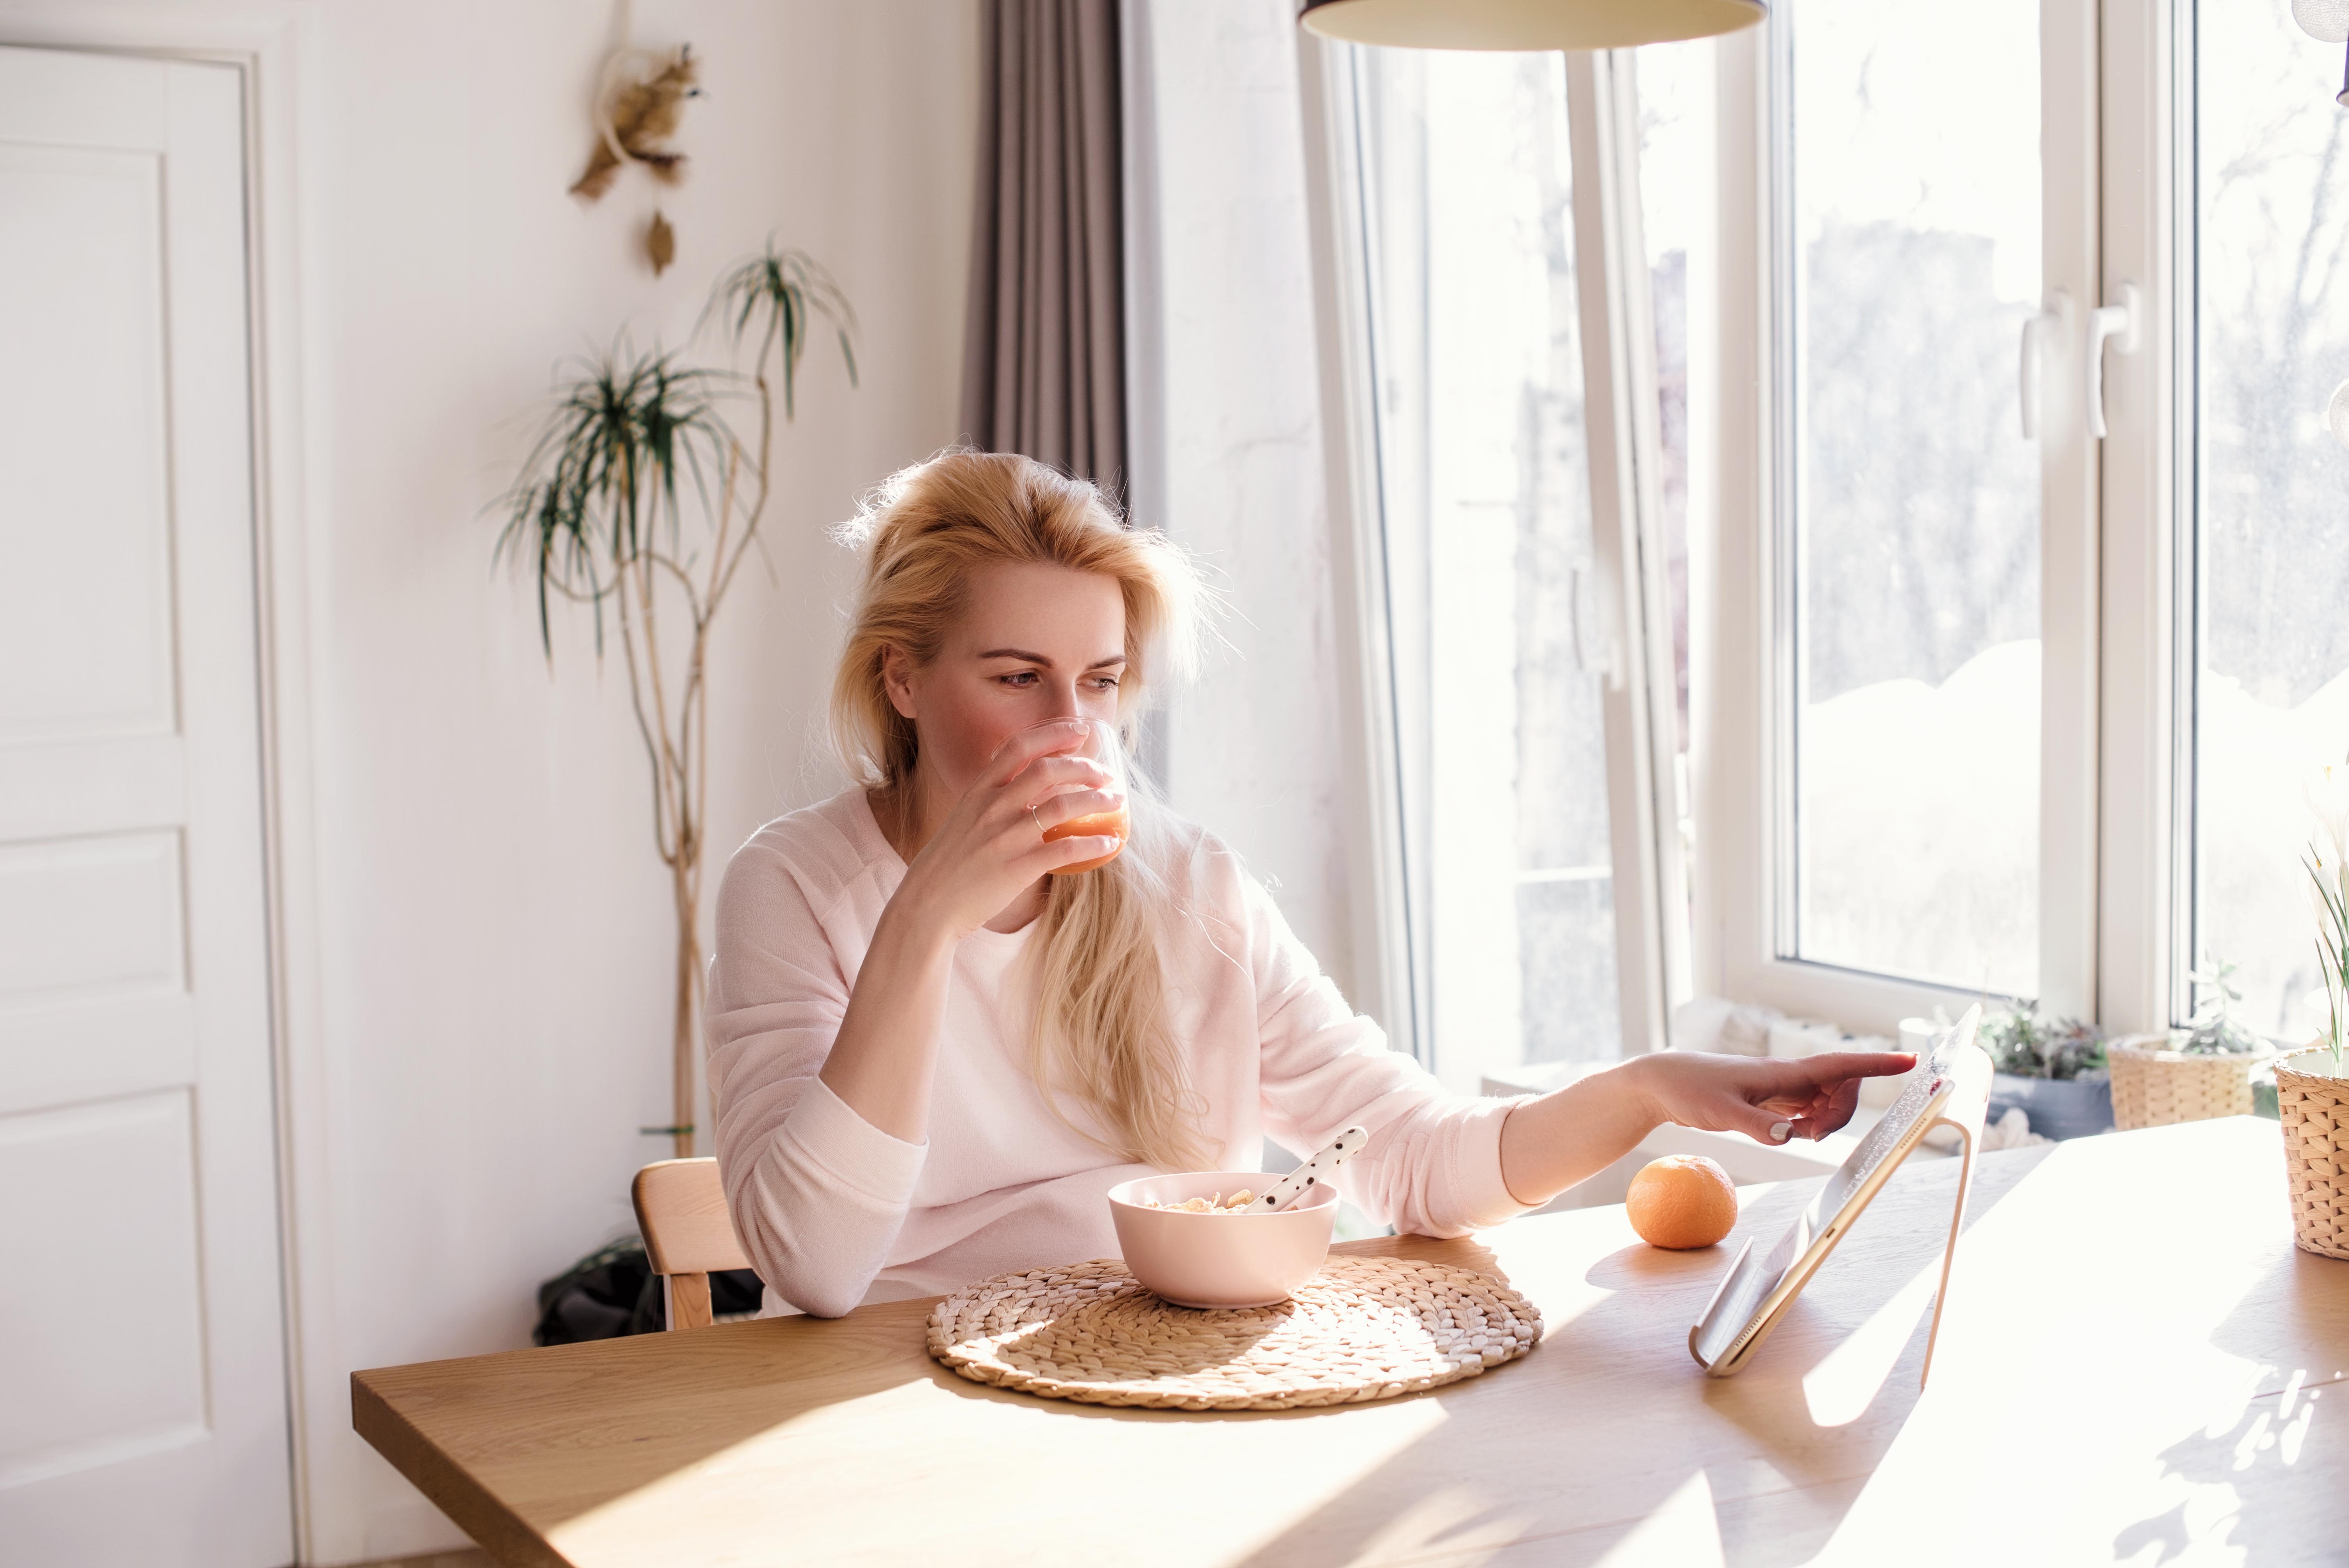 Tanken är att Matvanekollen, som är ett webbtest, ska finnas för alla som snabbt och enkelt vill få en bild av hur hälsosamt man äter.